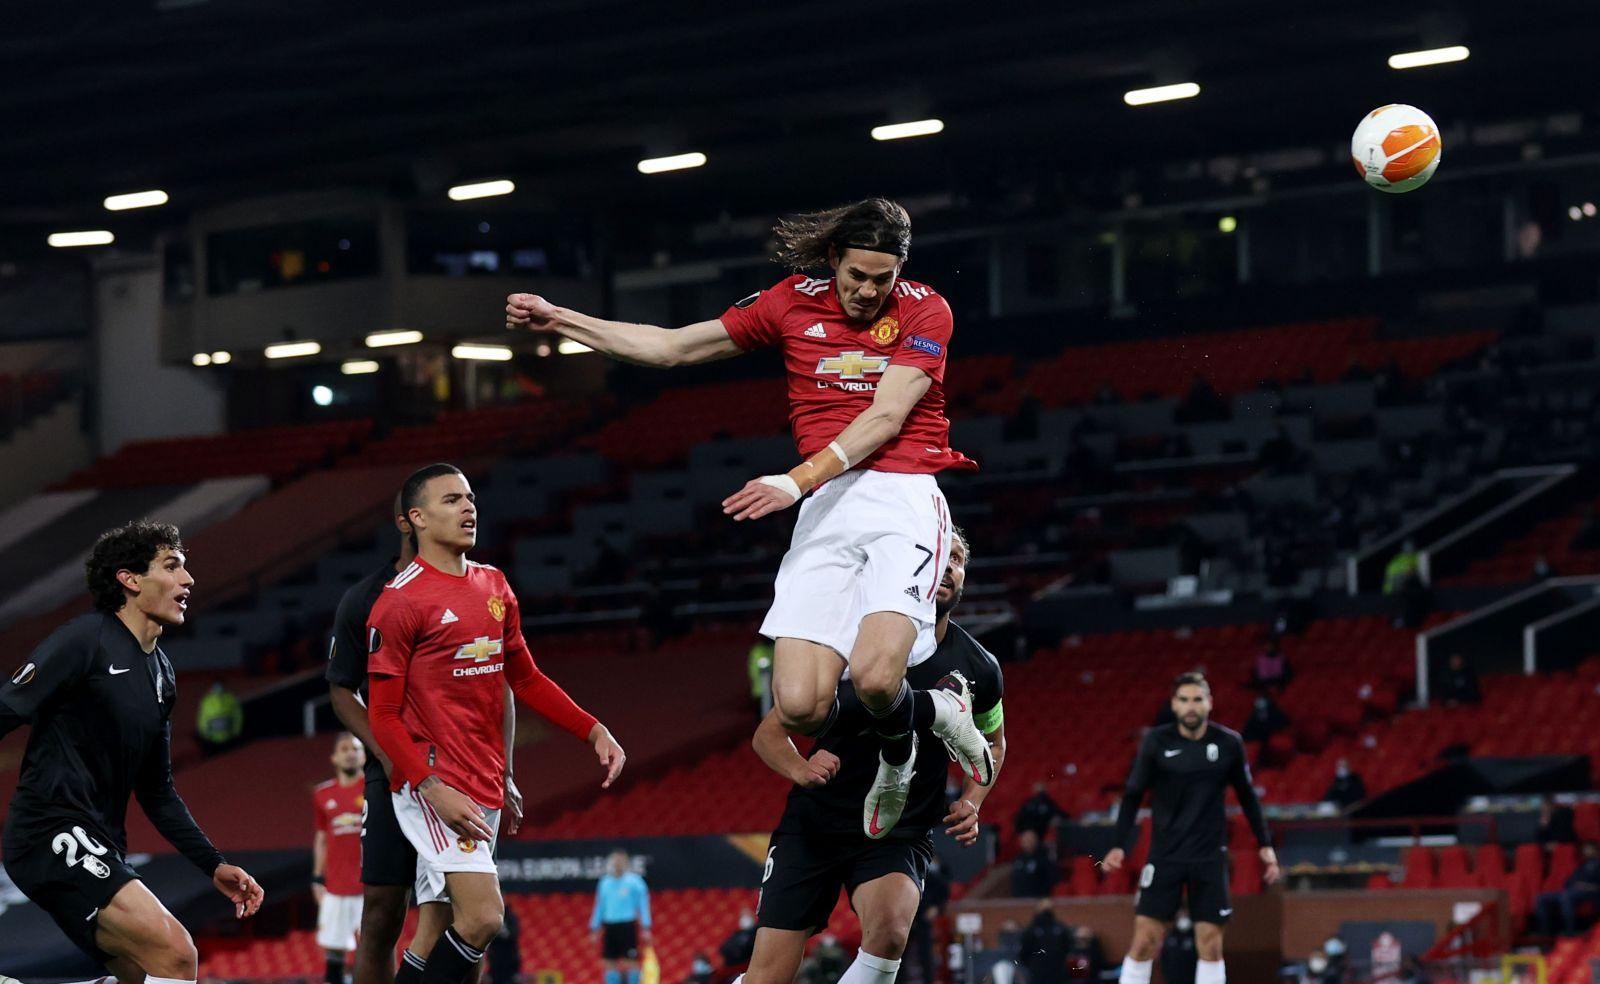 Pertandingan Liga Europa yang mempertemukan AS Roma vs Manchester United dapat disaksikan via link live streaming berikut ini. (foto: REUTERS/David Klein)